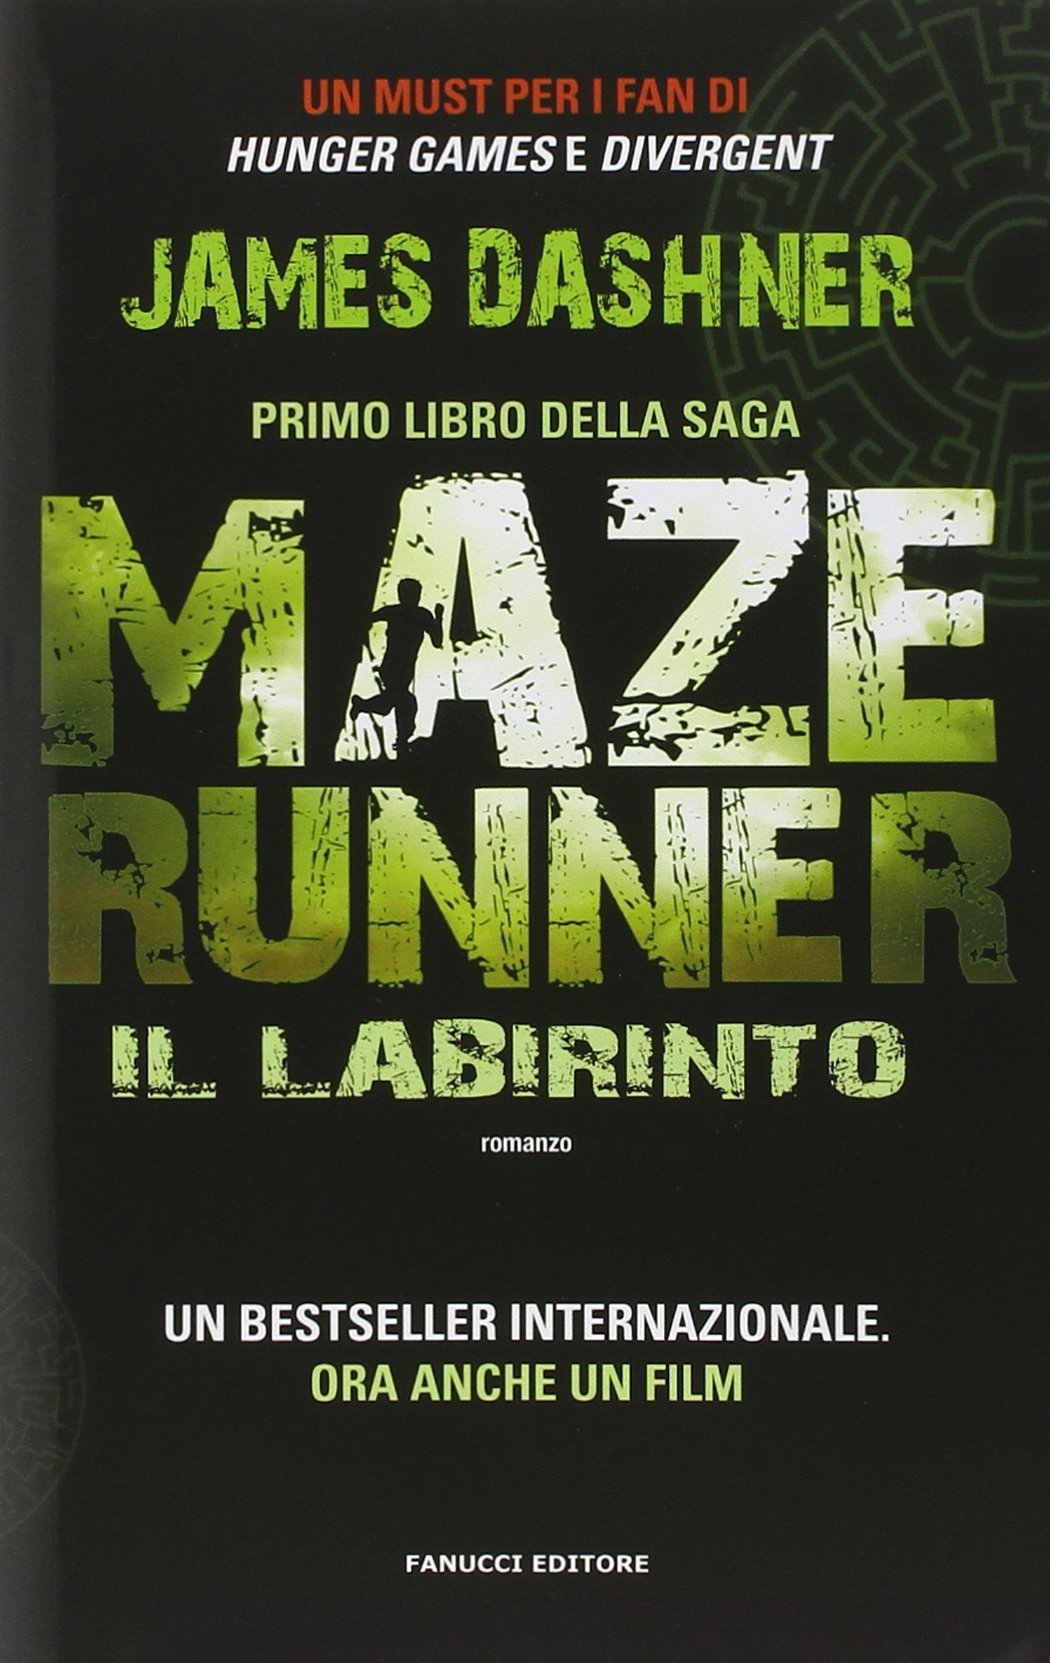 maze-runner-il-labirinto-copertina-libro